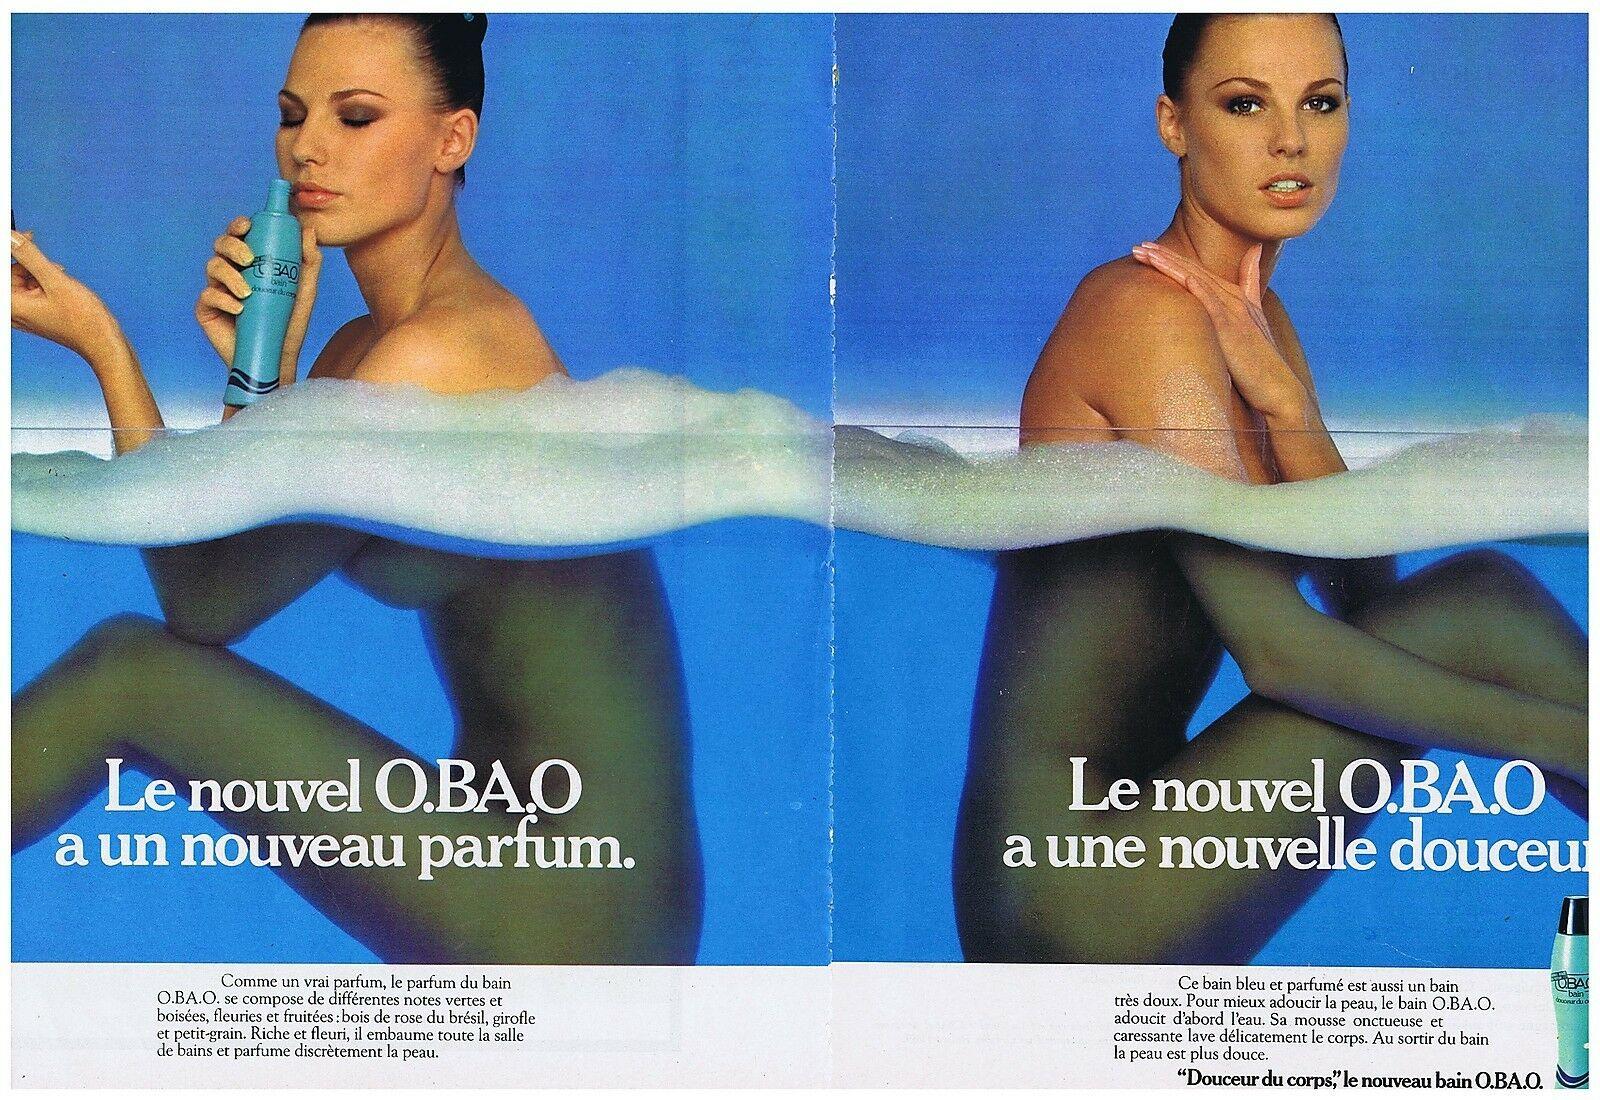 1977 Le nouvel O.B.A.O